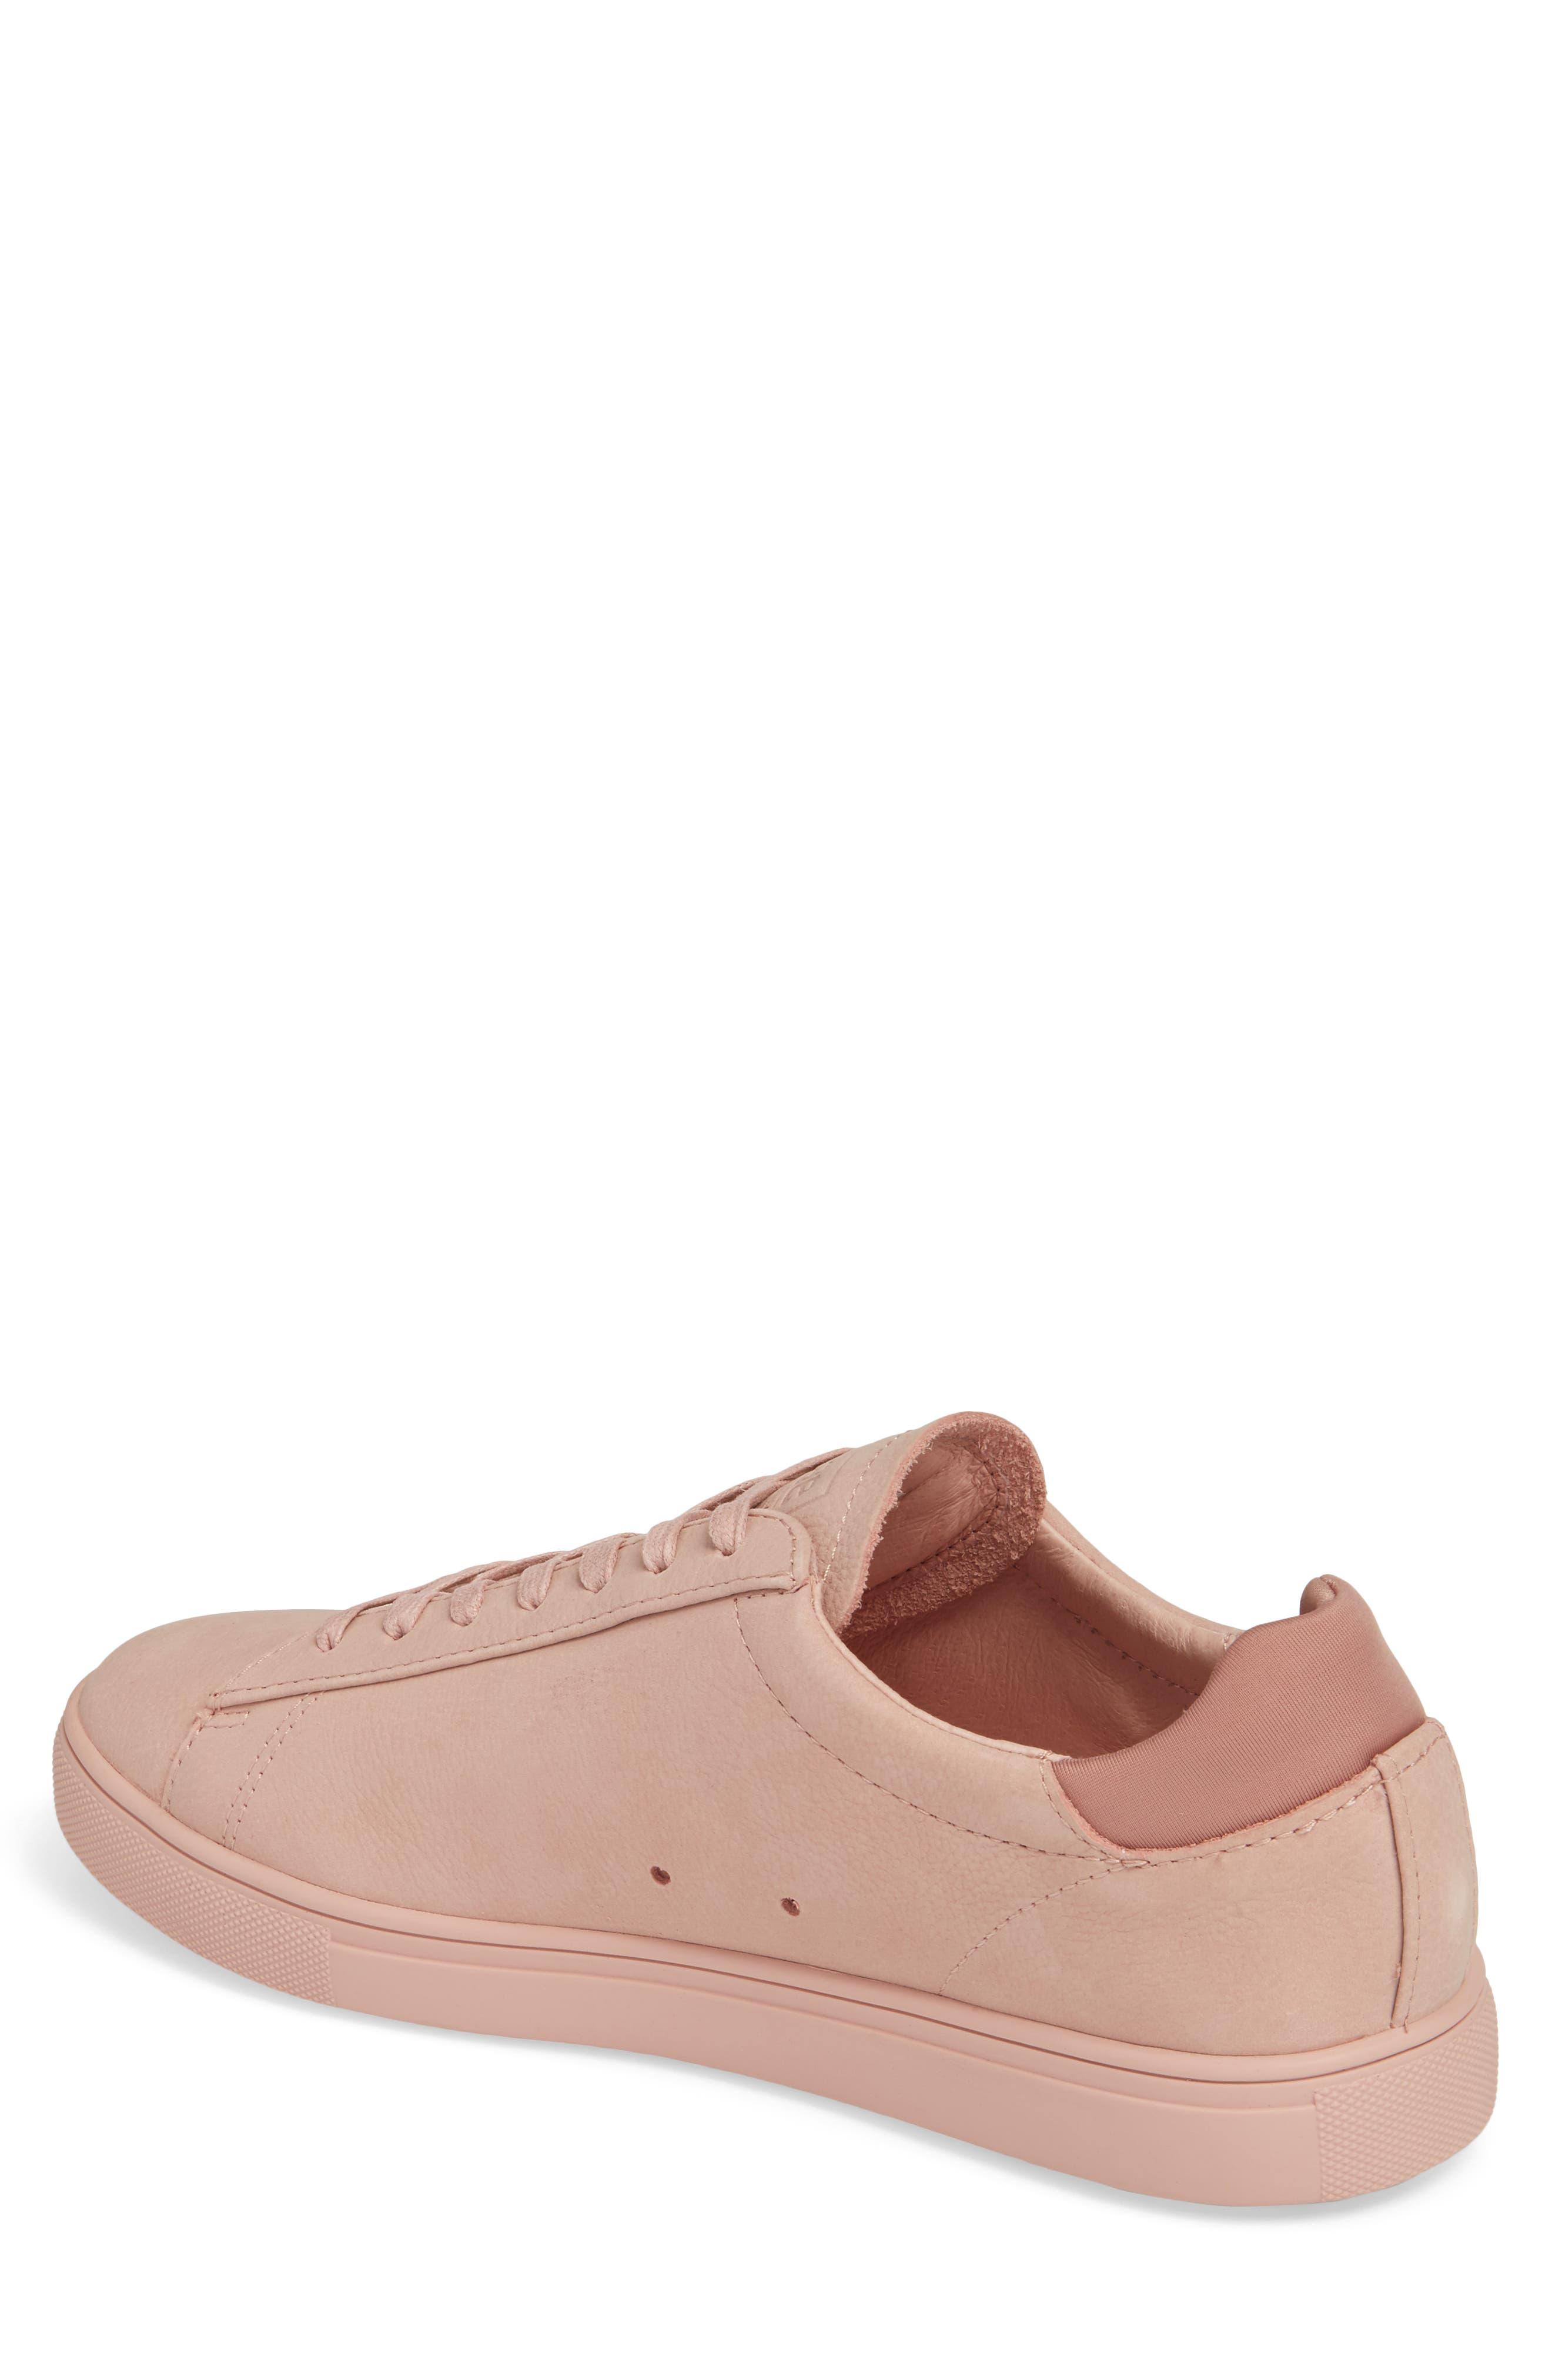 'Bradley' Sneaker,                             Alternate thumbnail 2, color,                             ROSE NUBUCK